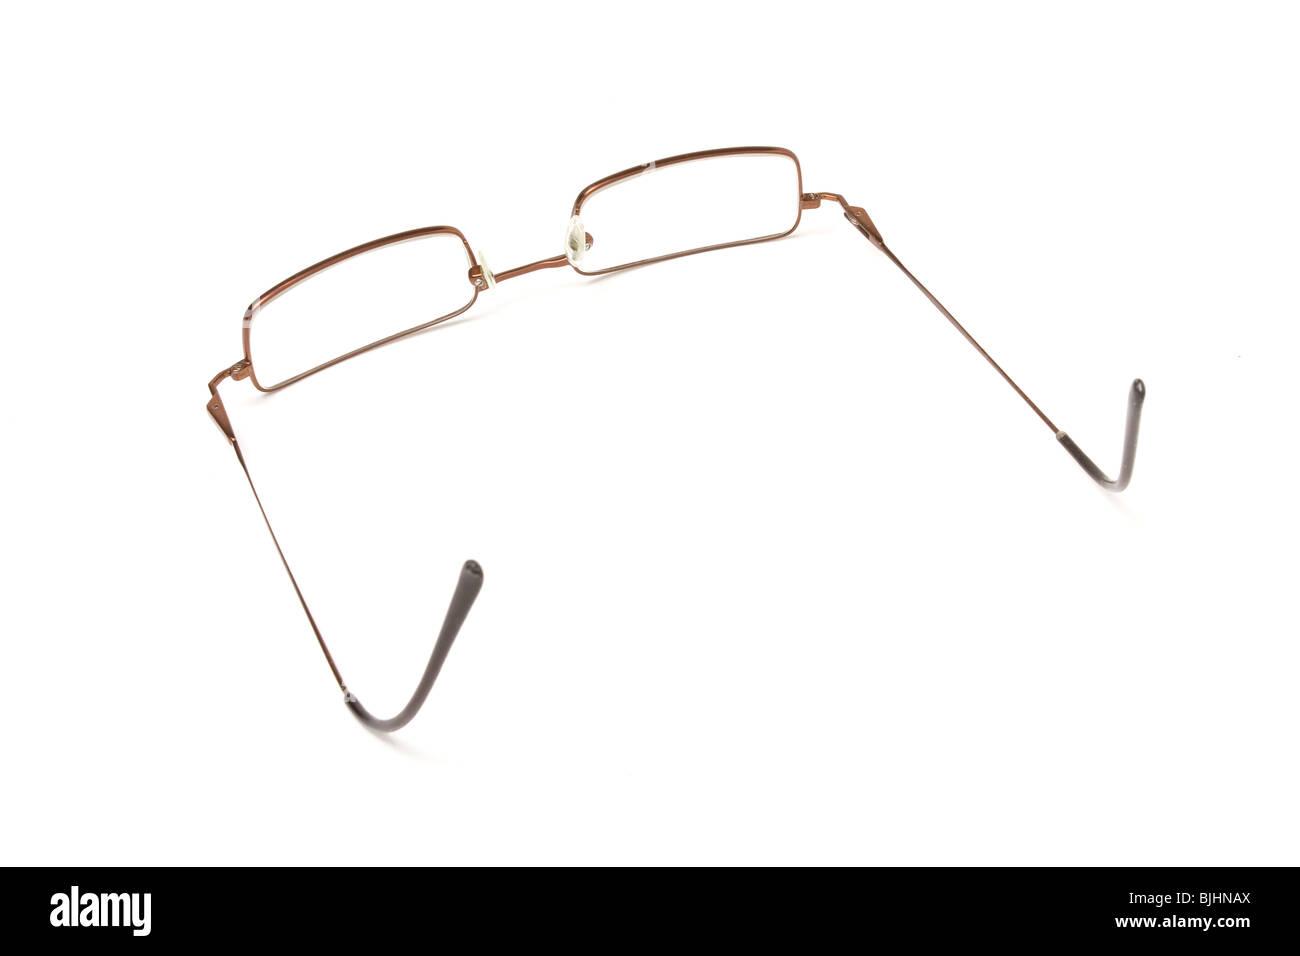 Dünner Draht gerahmte Brille nahe isolieren bis vor weißem ...